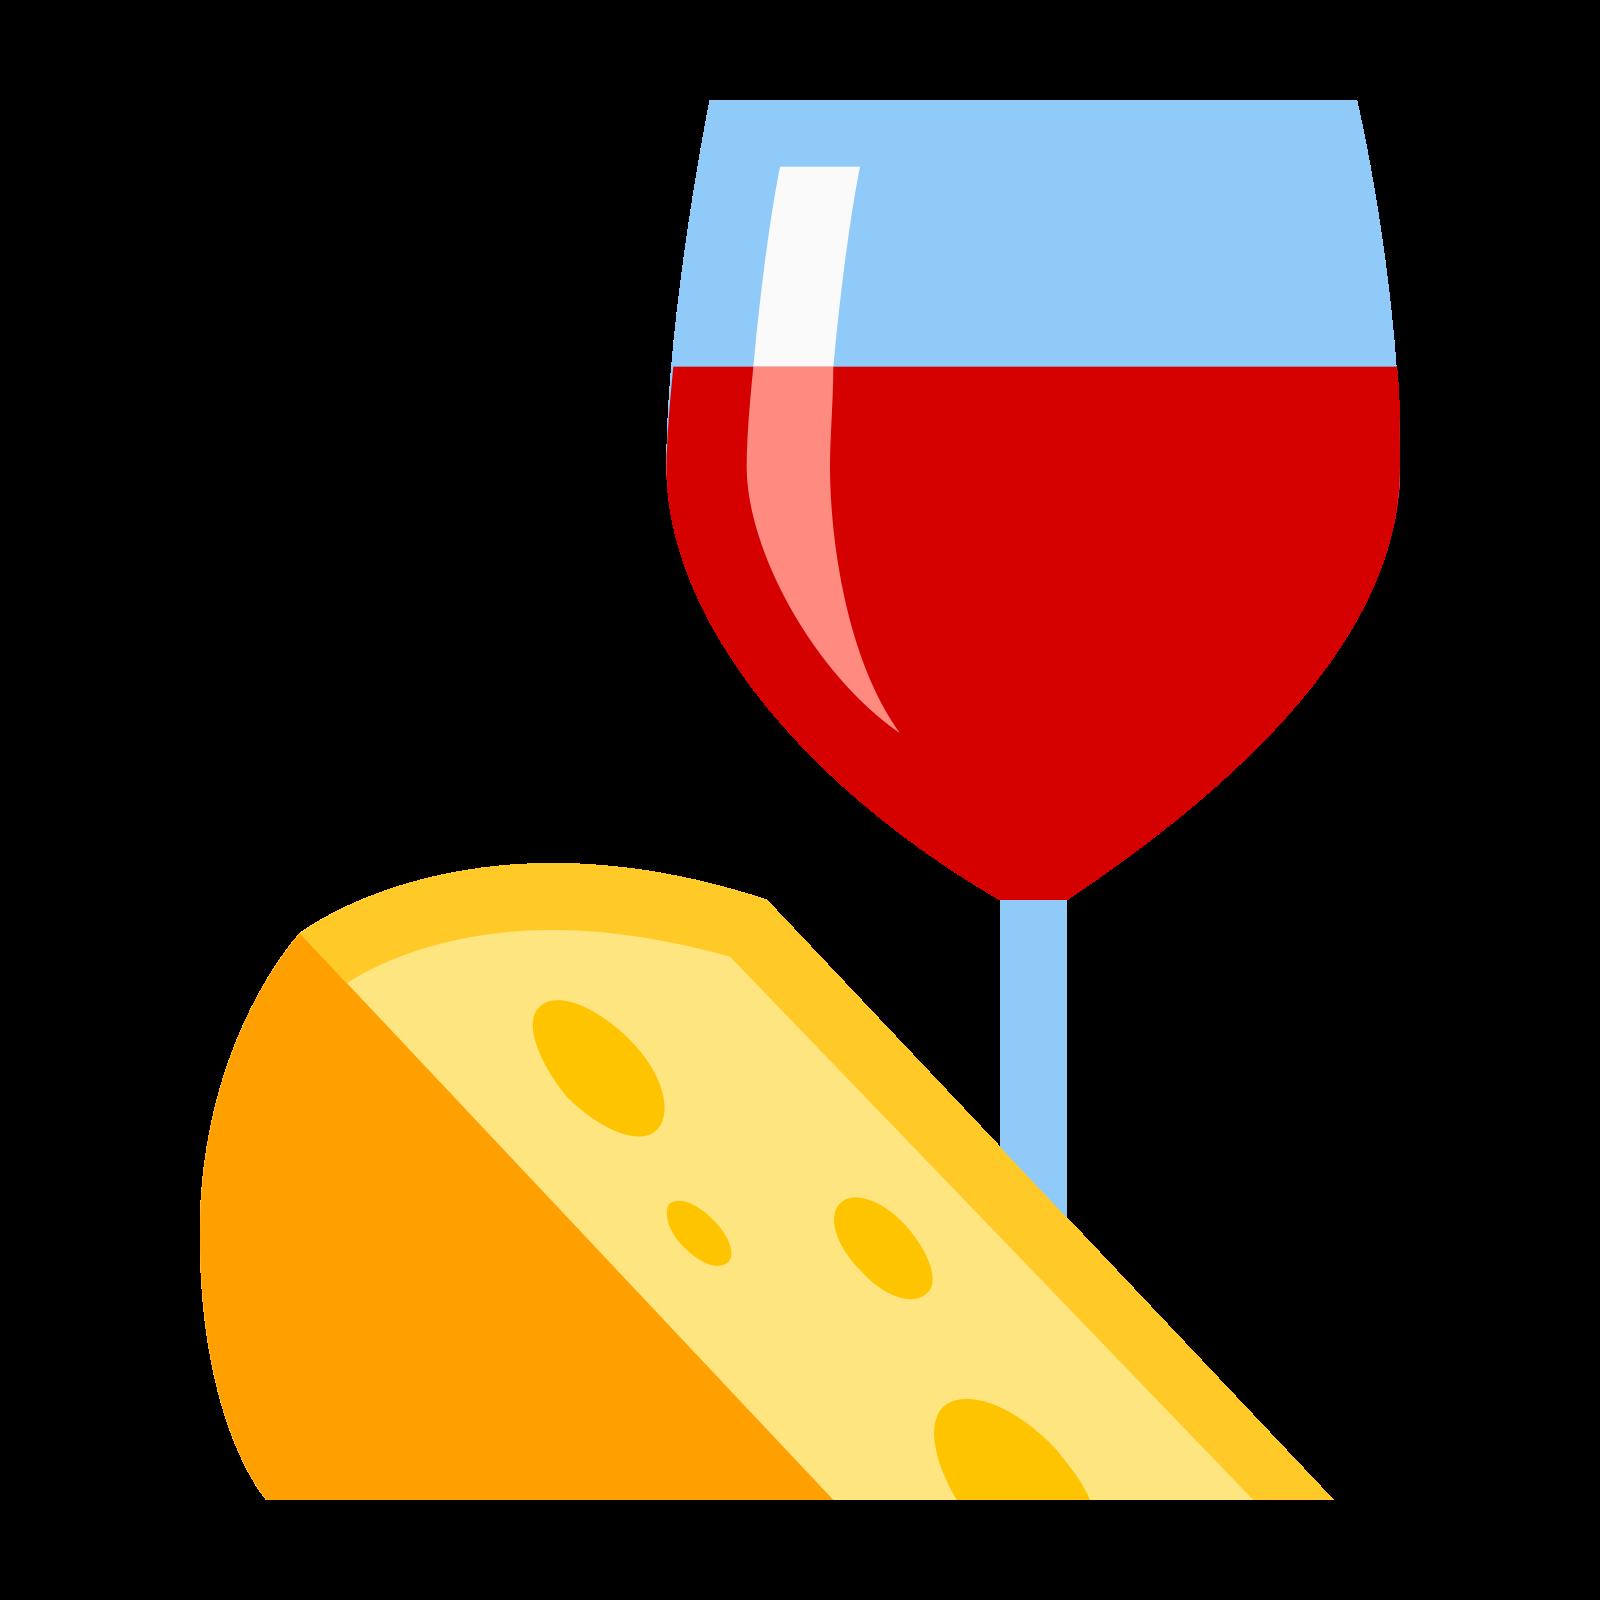 Nourriture et vin icon